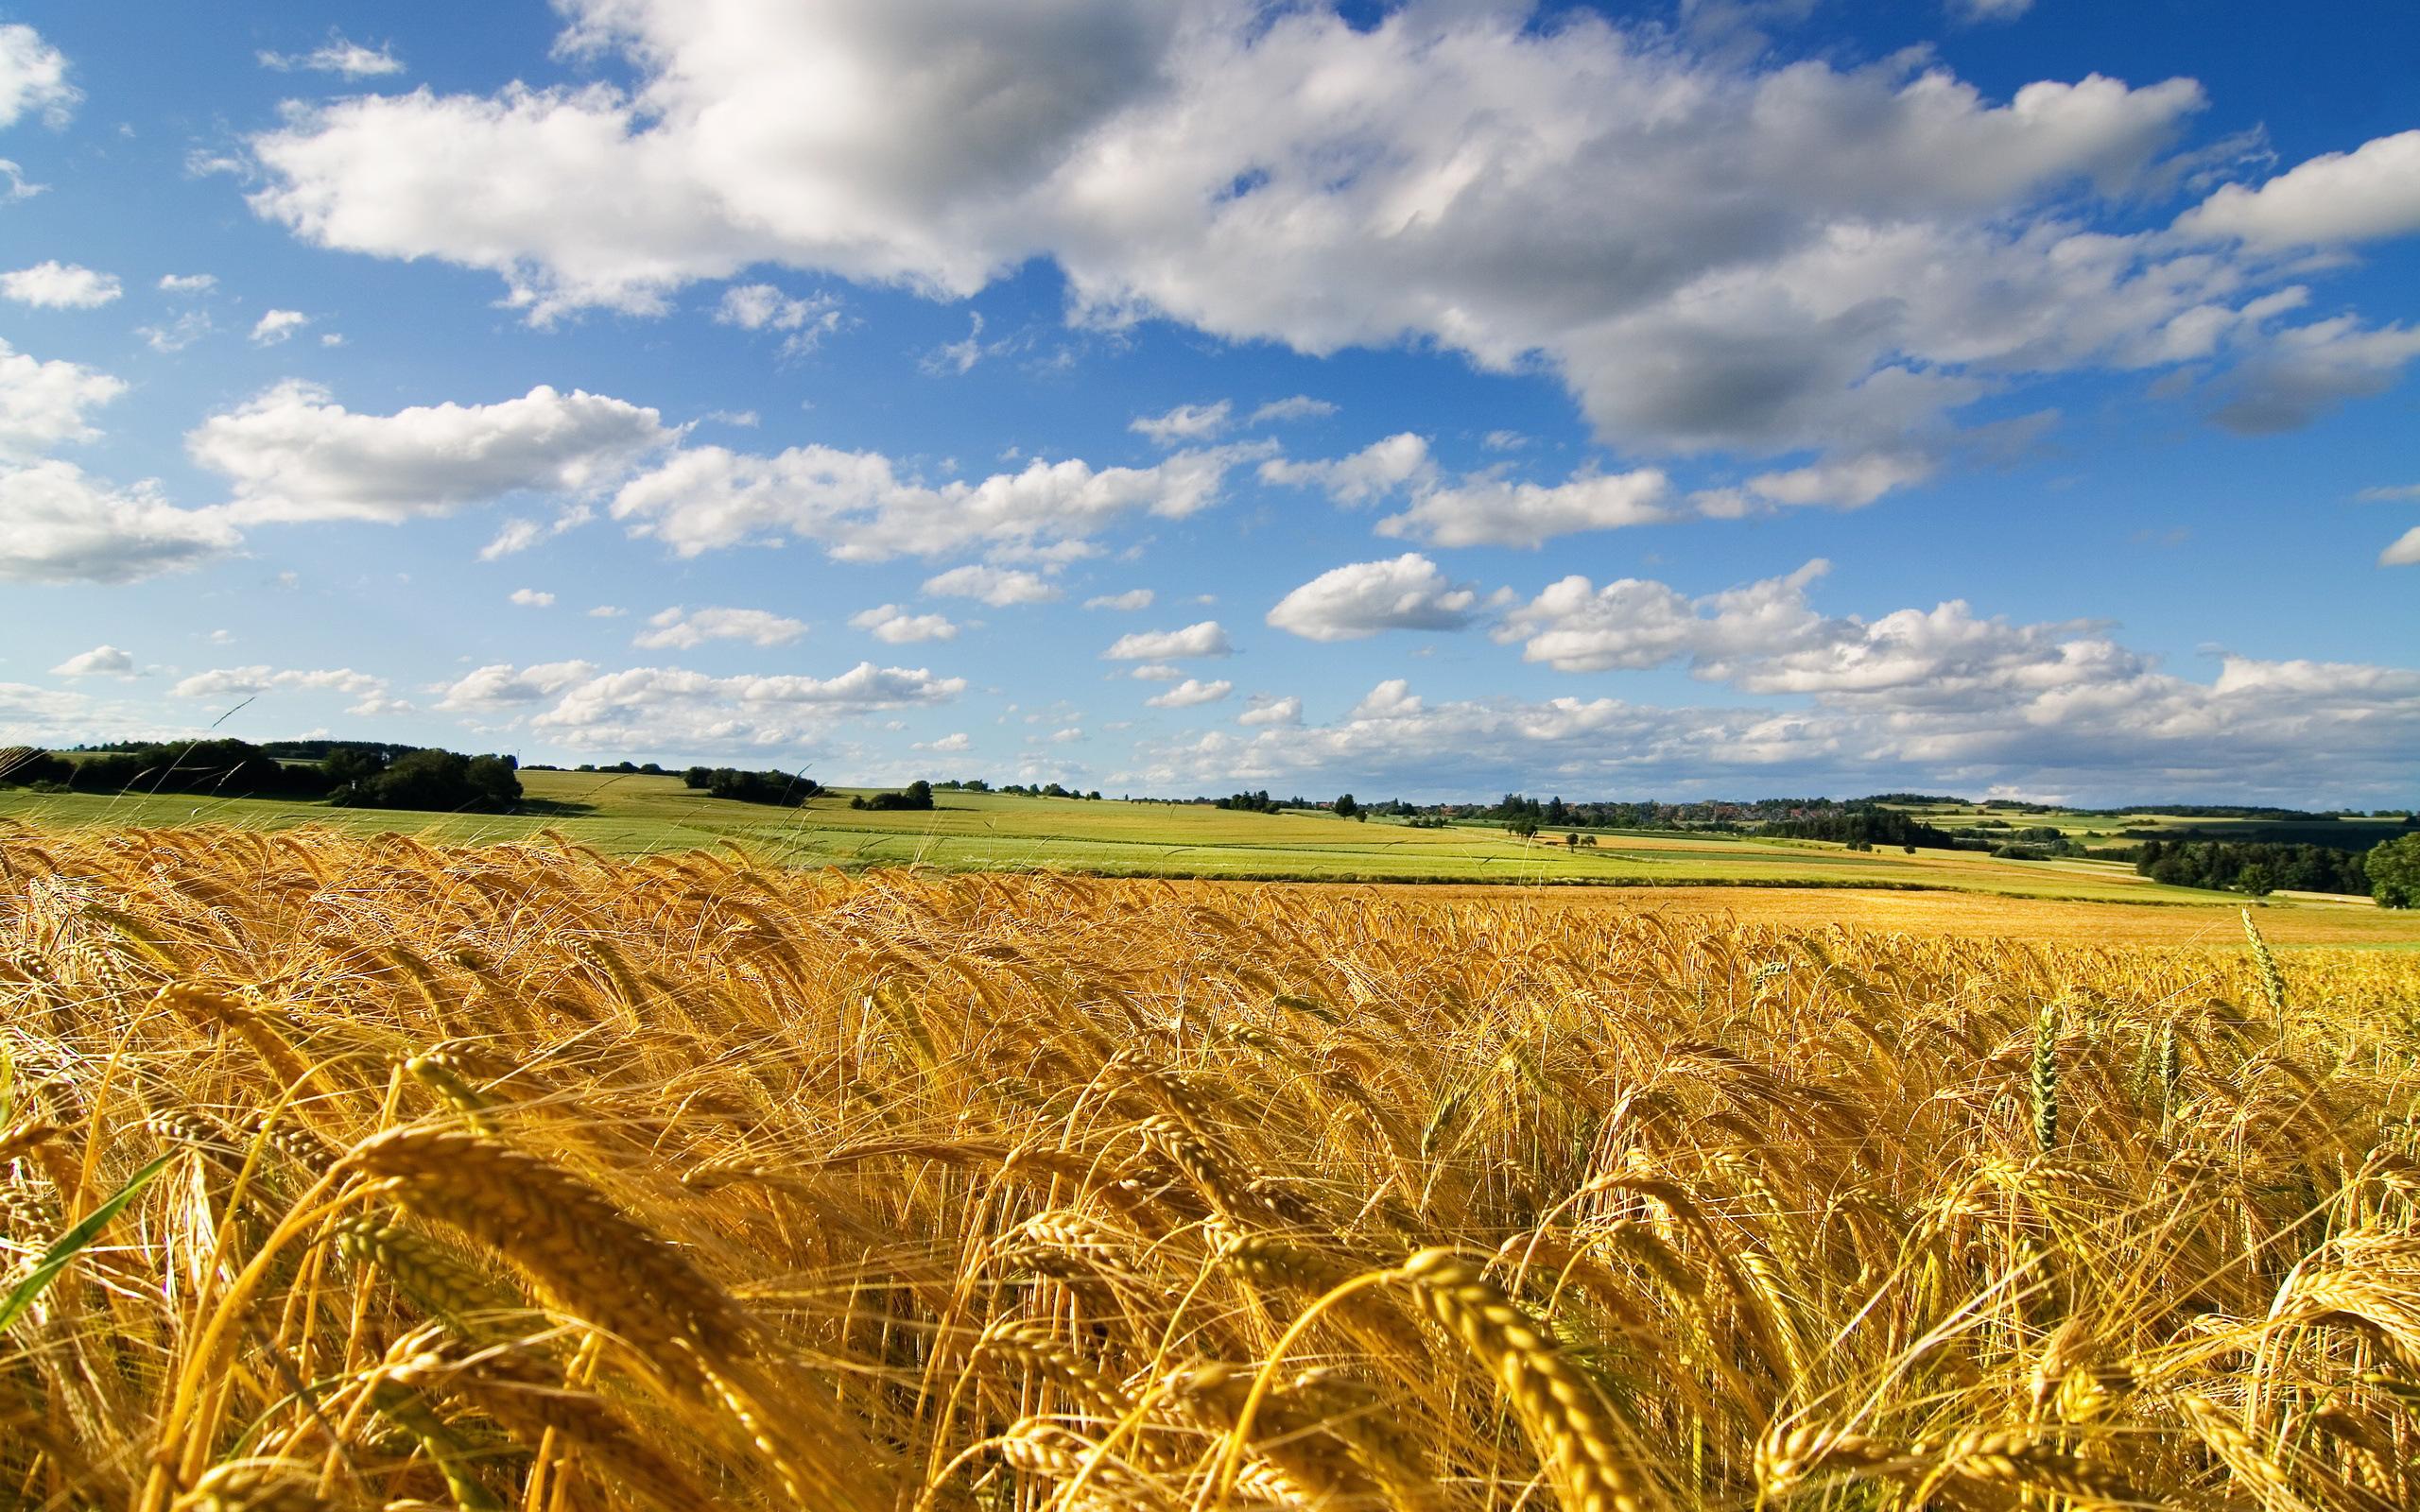 corn field wallpaper amazing - HD Desktop Wallpapers | 4k HD